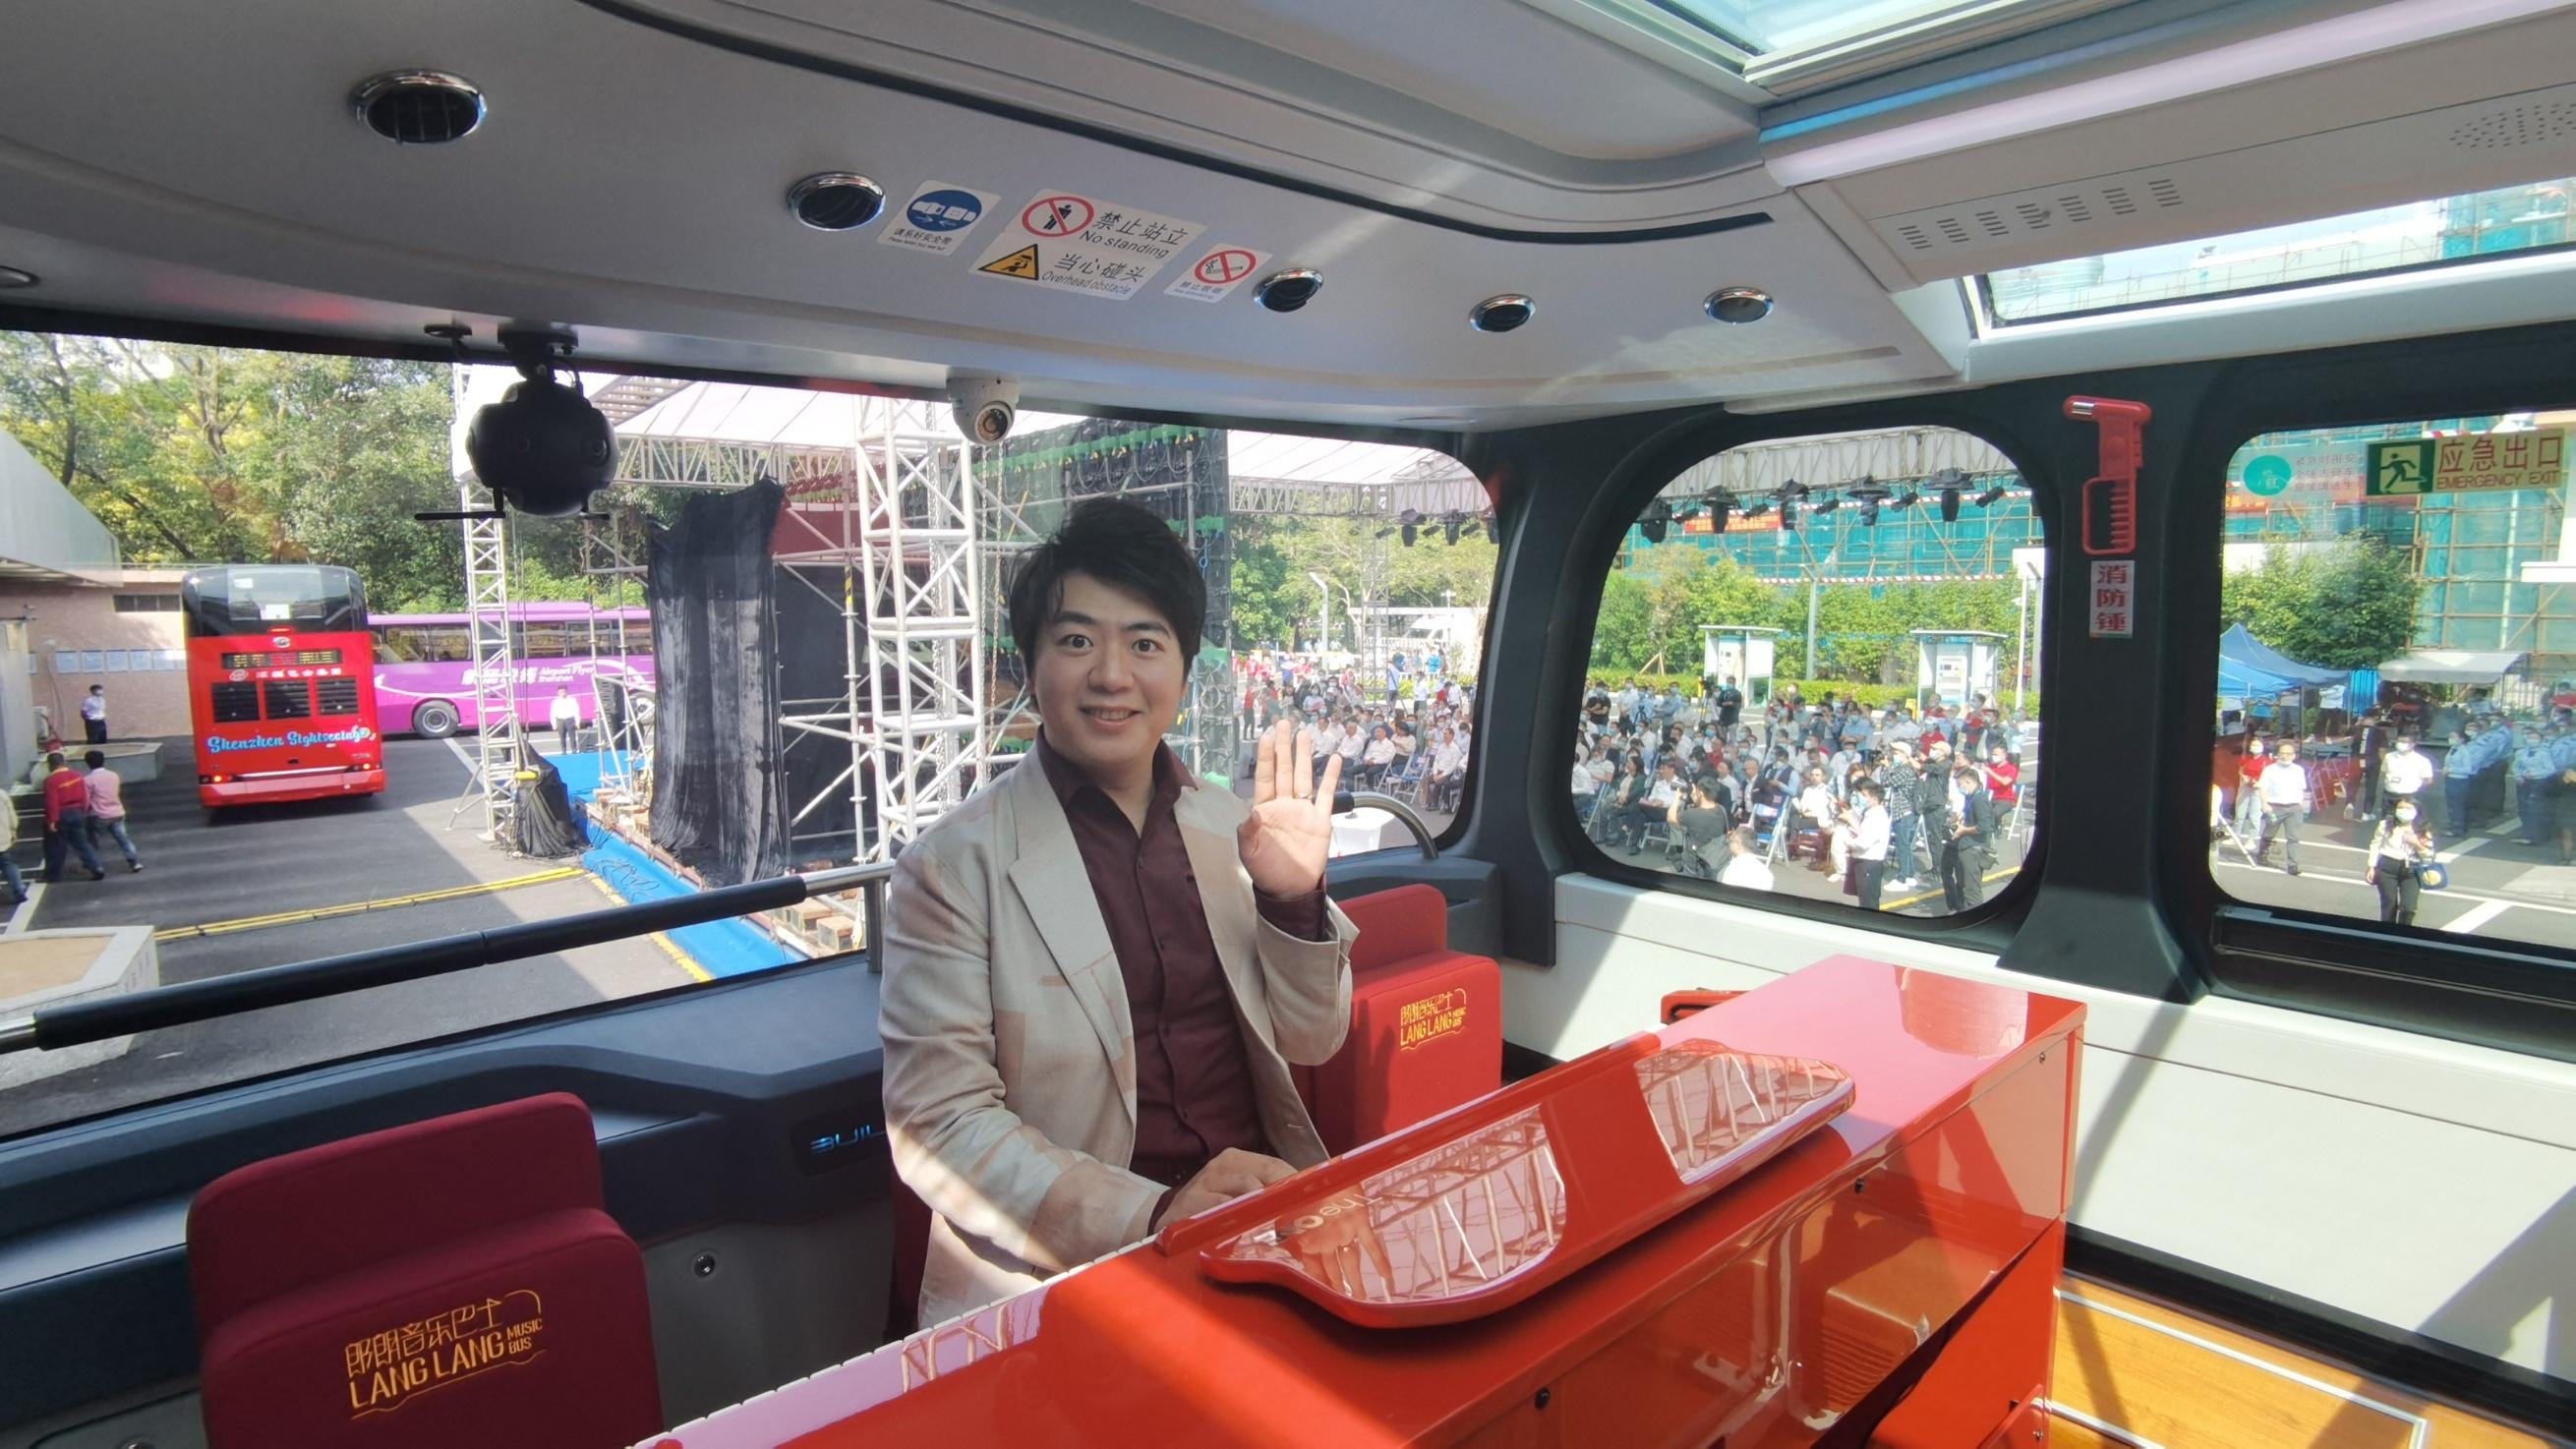 國際鋼琴大師、深圳國際形象大使郎朗在深圳雙層巴士內傾情演奏鋼琴曲。(香港文匯網記者郭若溪 攝)